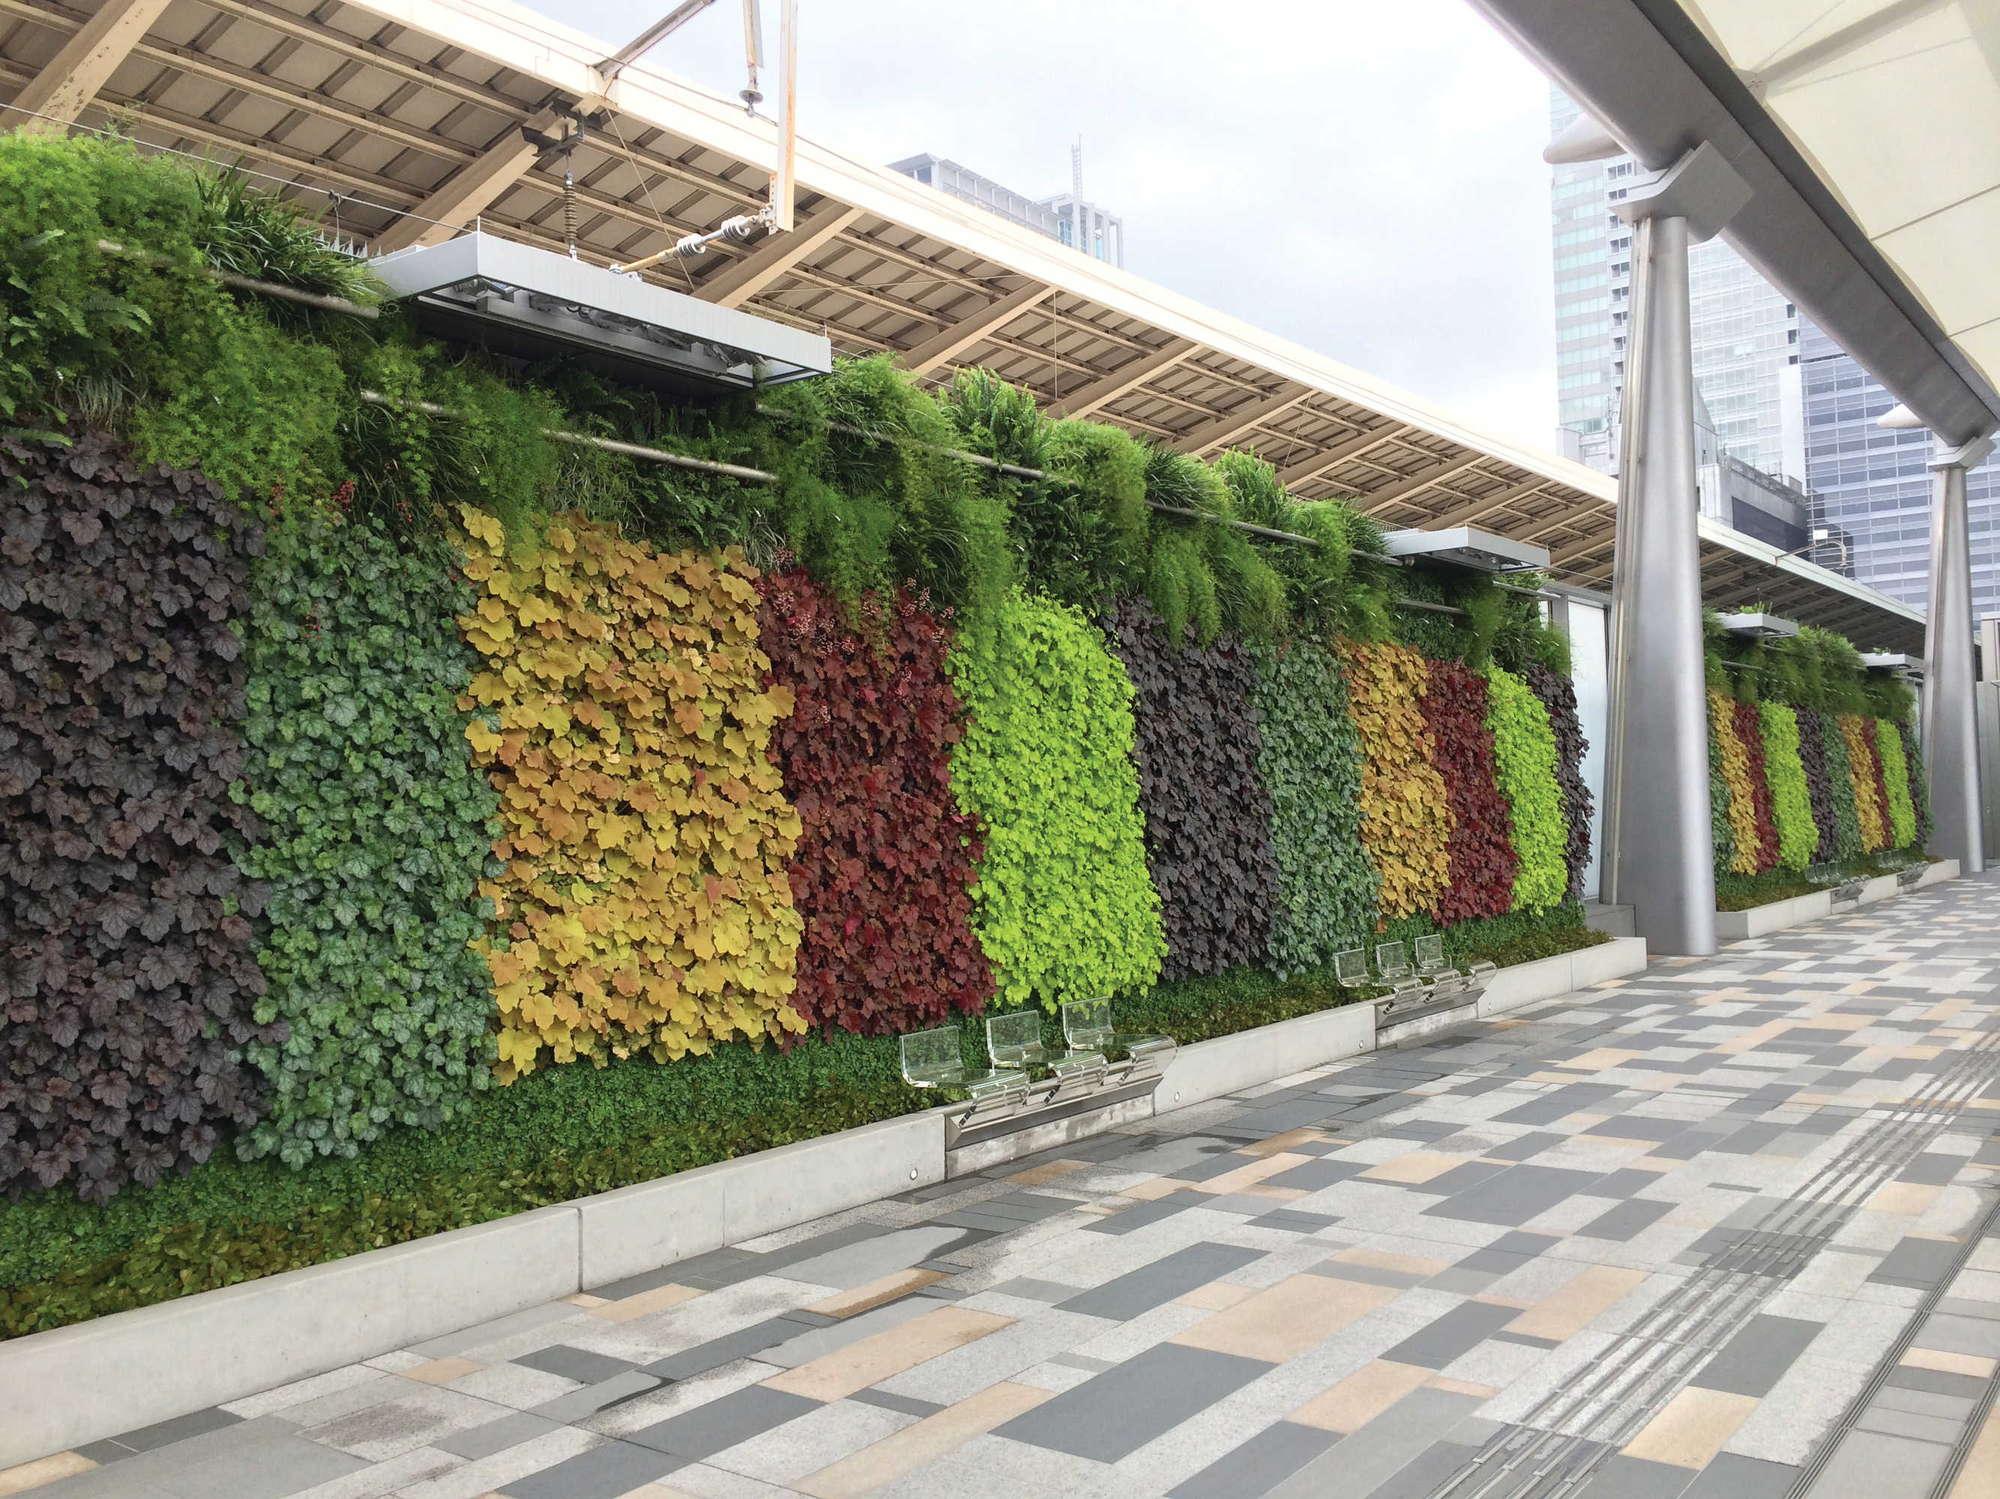 Green Wall at JR Tokyo Train Station